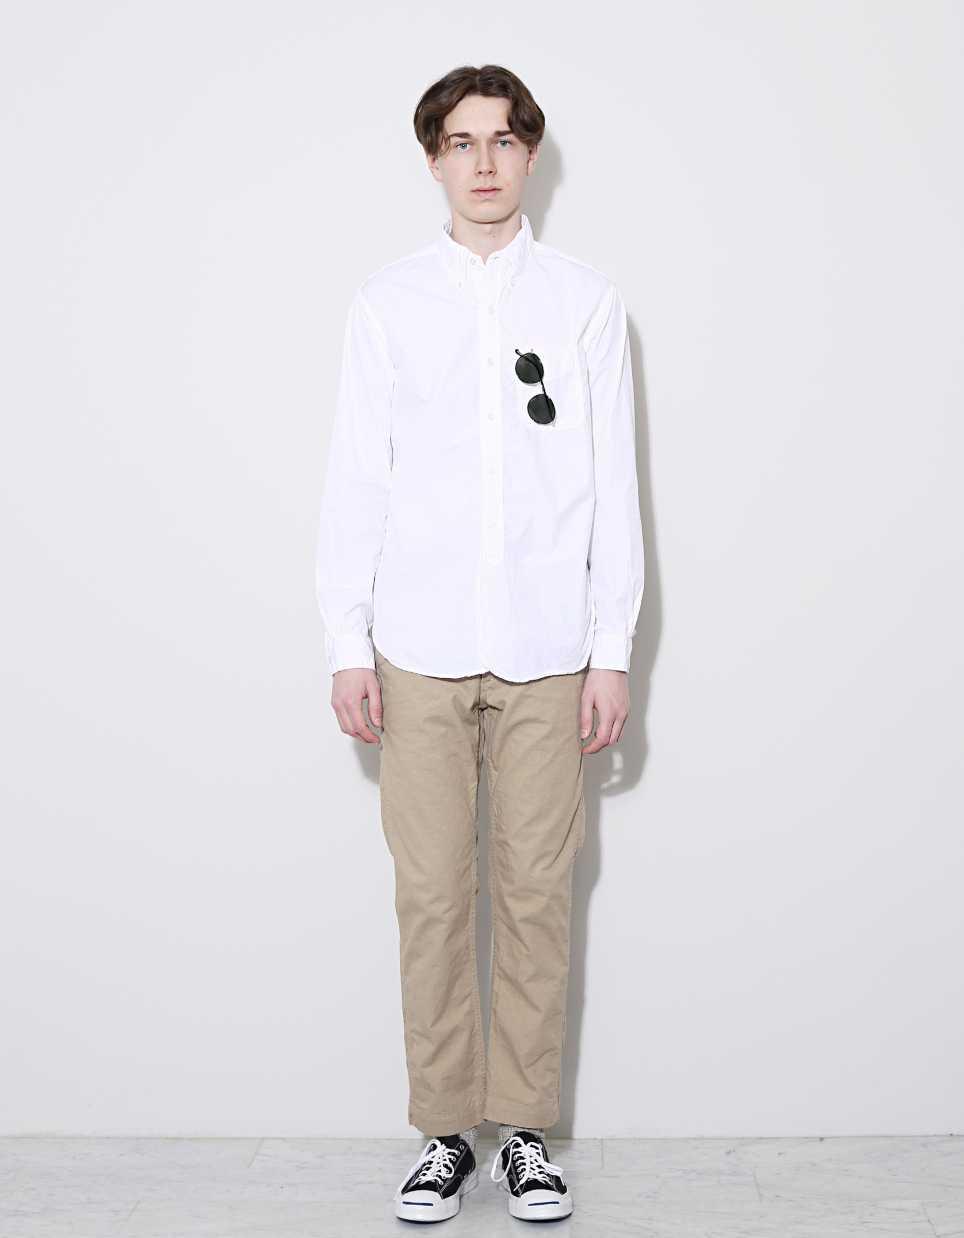 ELLE Man Style Calendar Bảy ngày hoàn hảo với áo sơ mi trắng linen. (17)